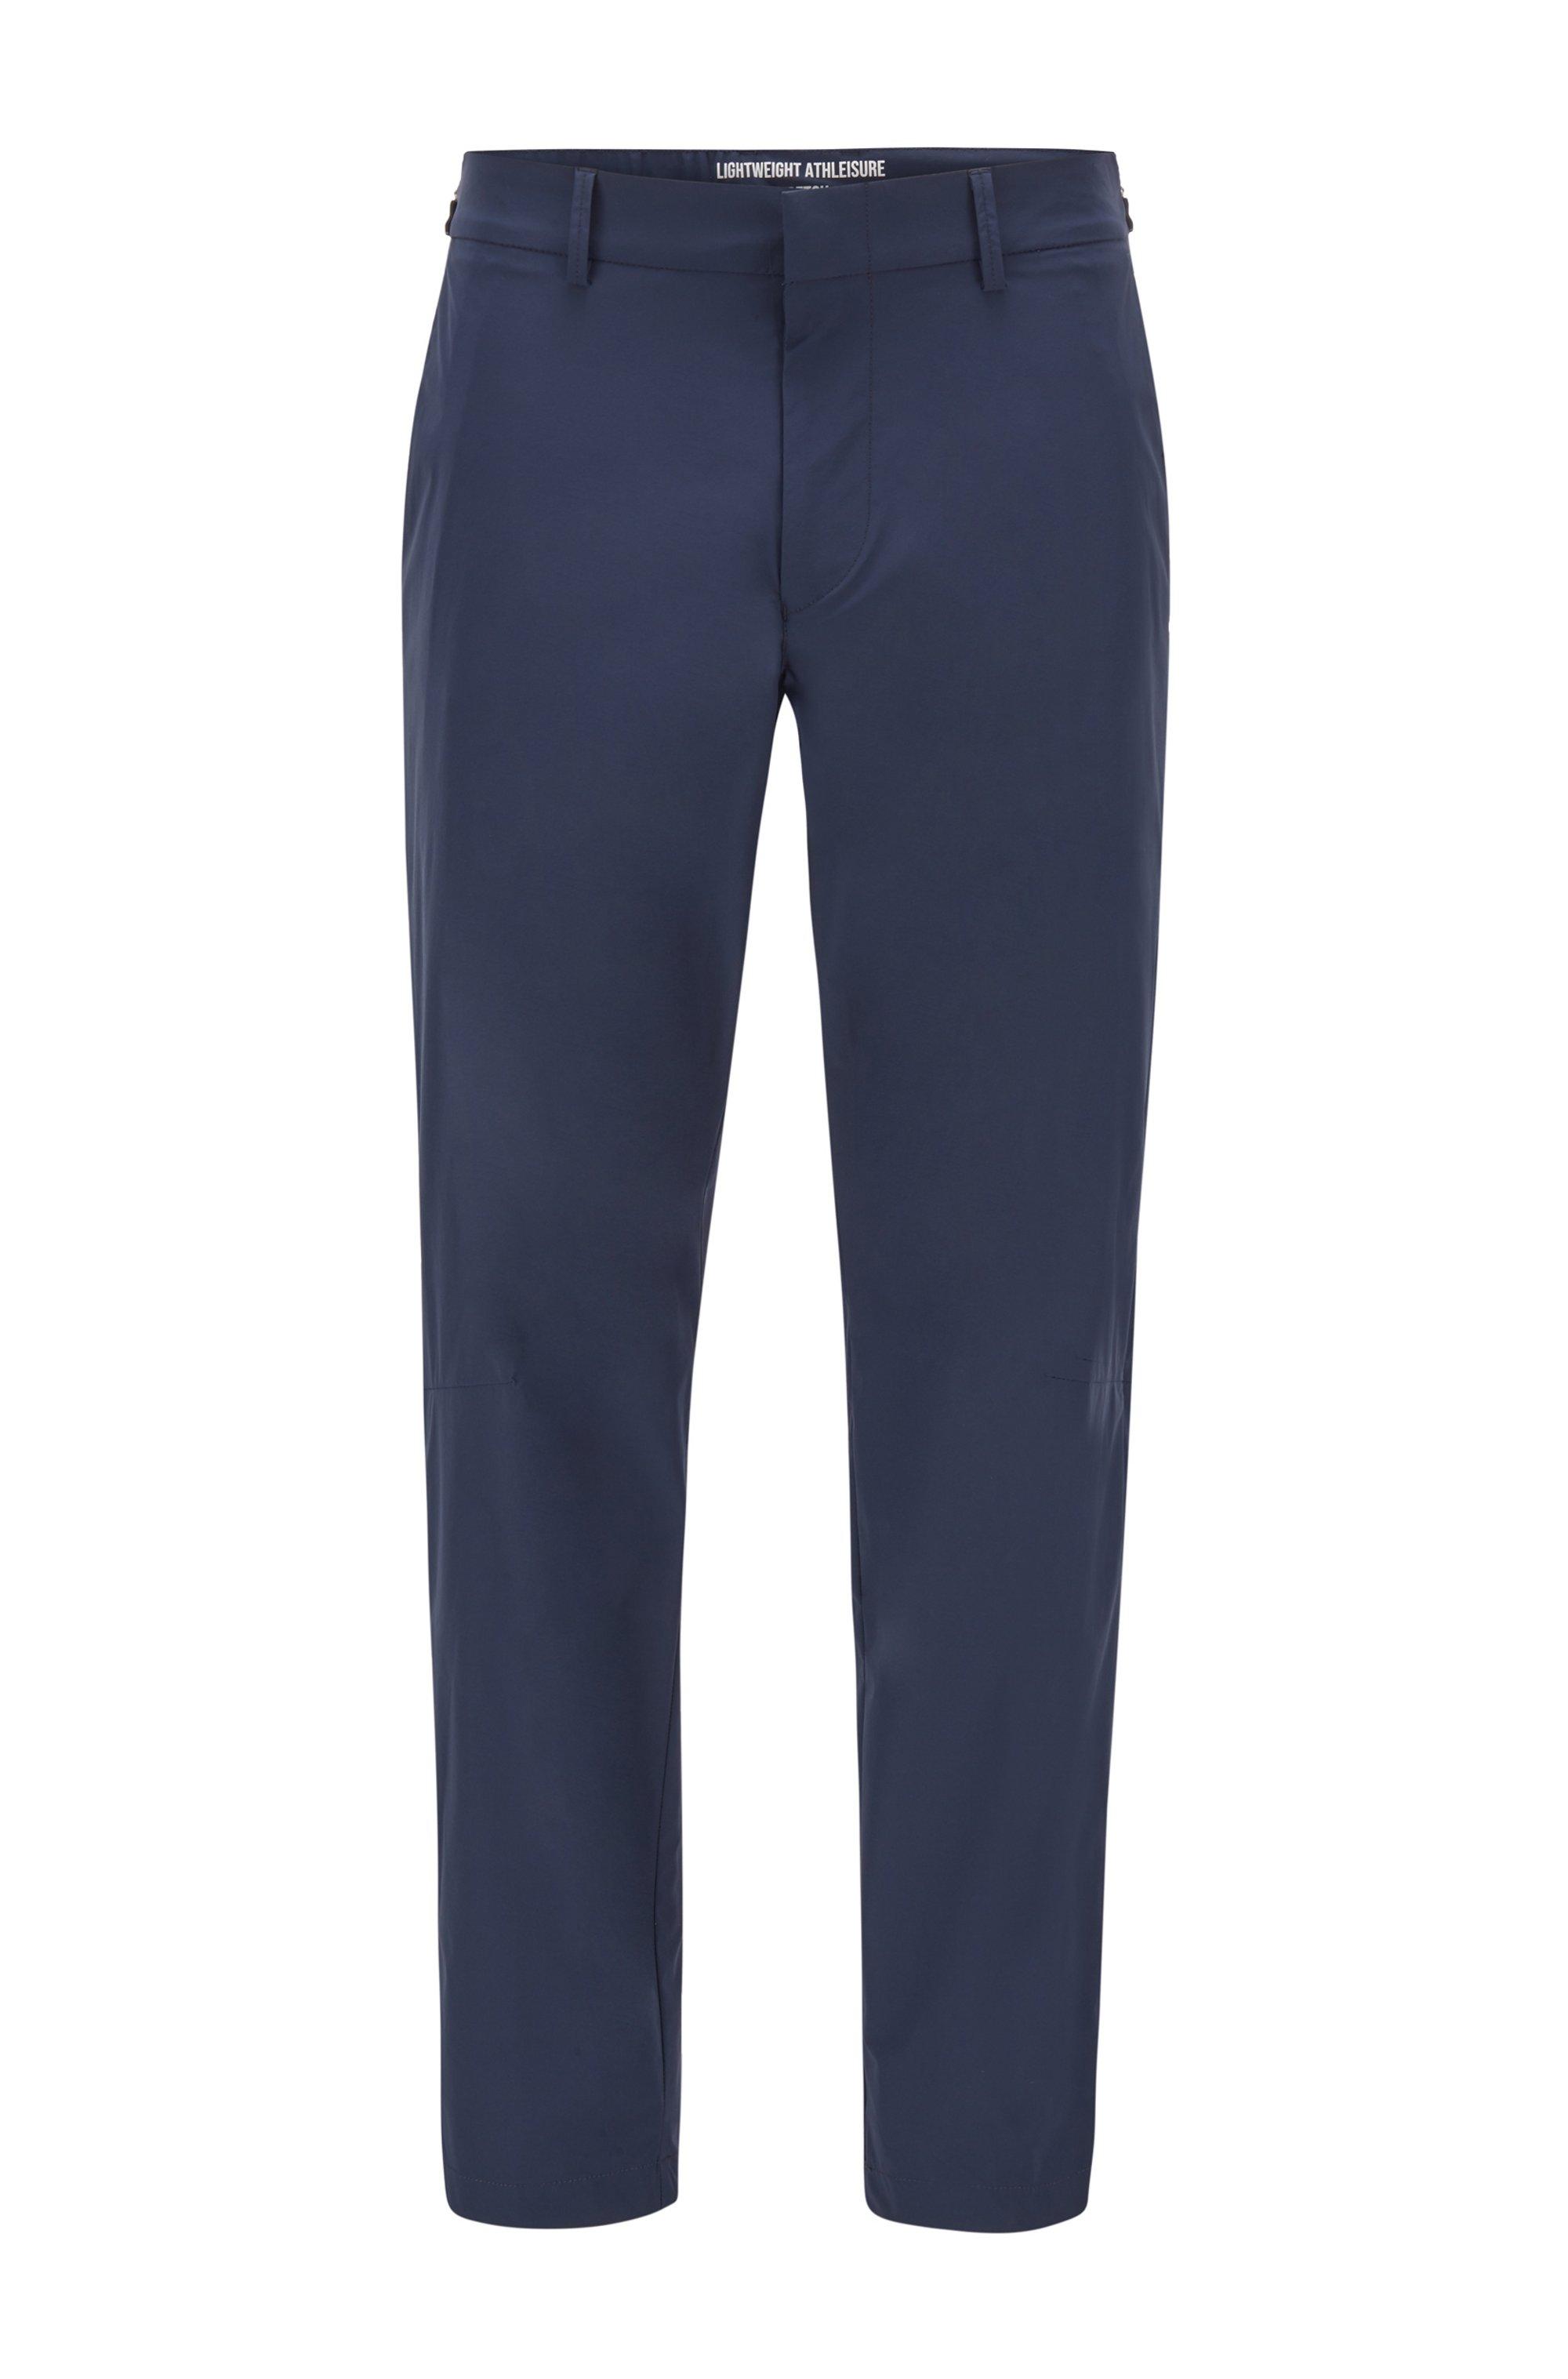 Pantalon Slim Fit en tissu stretch déperlant, Bleu foncé